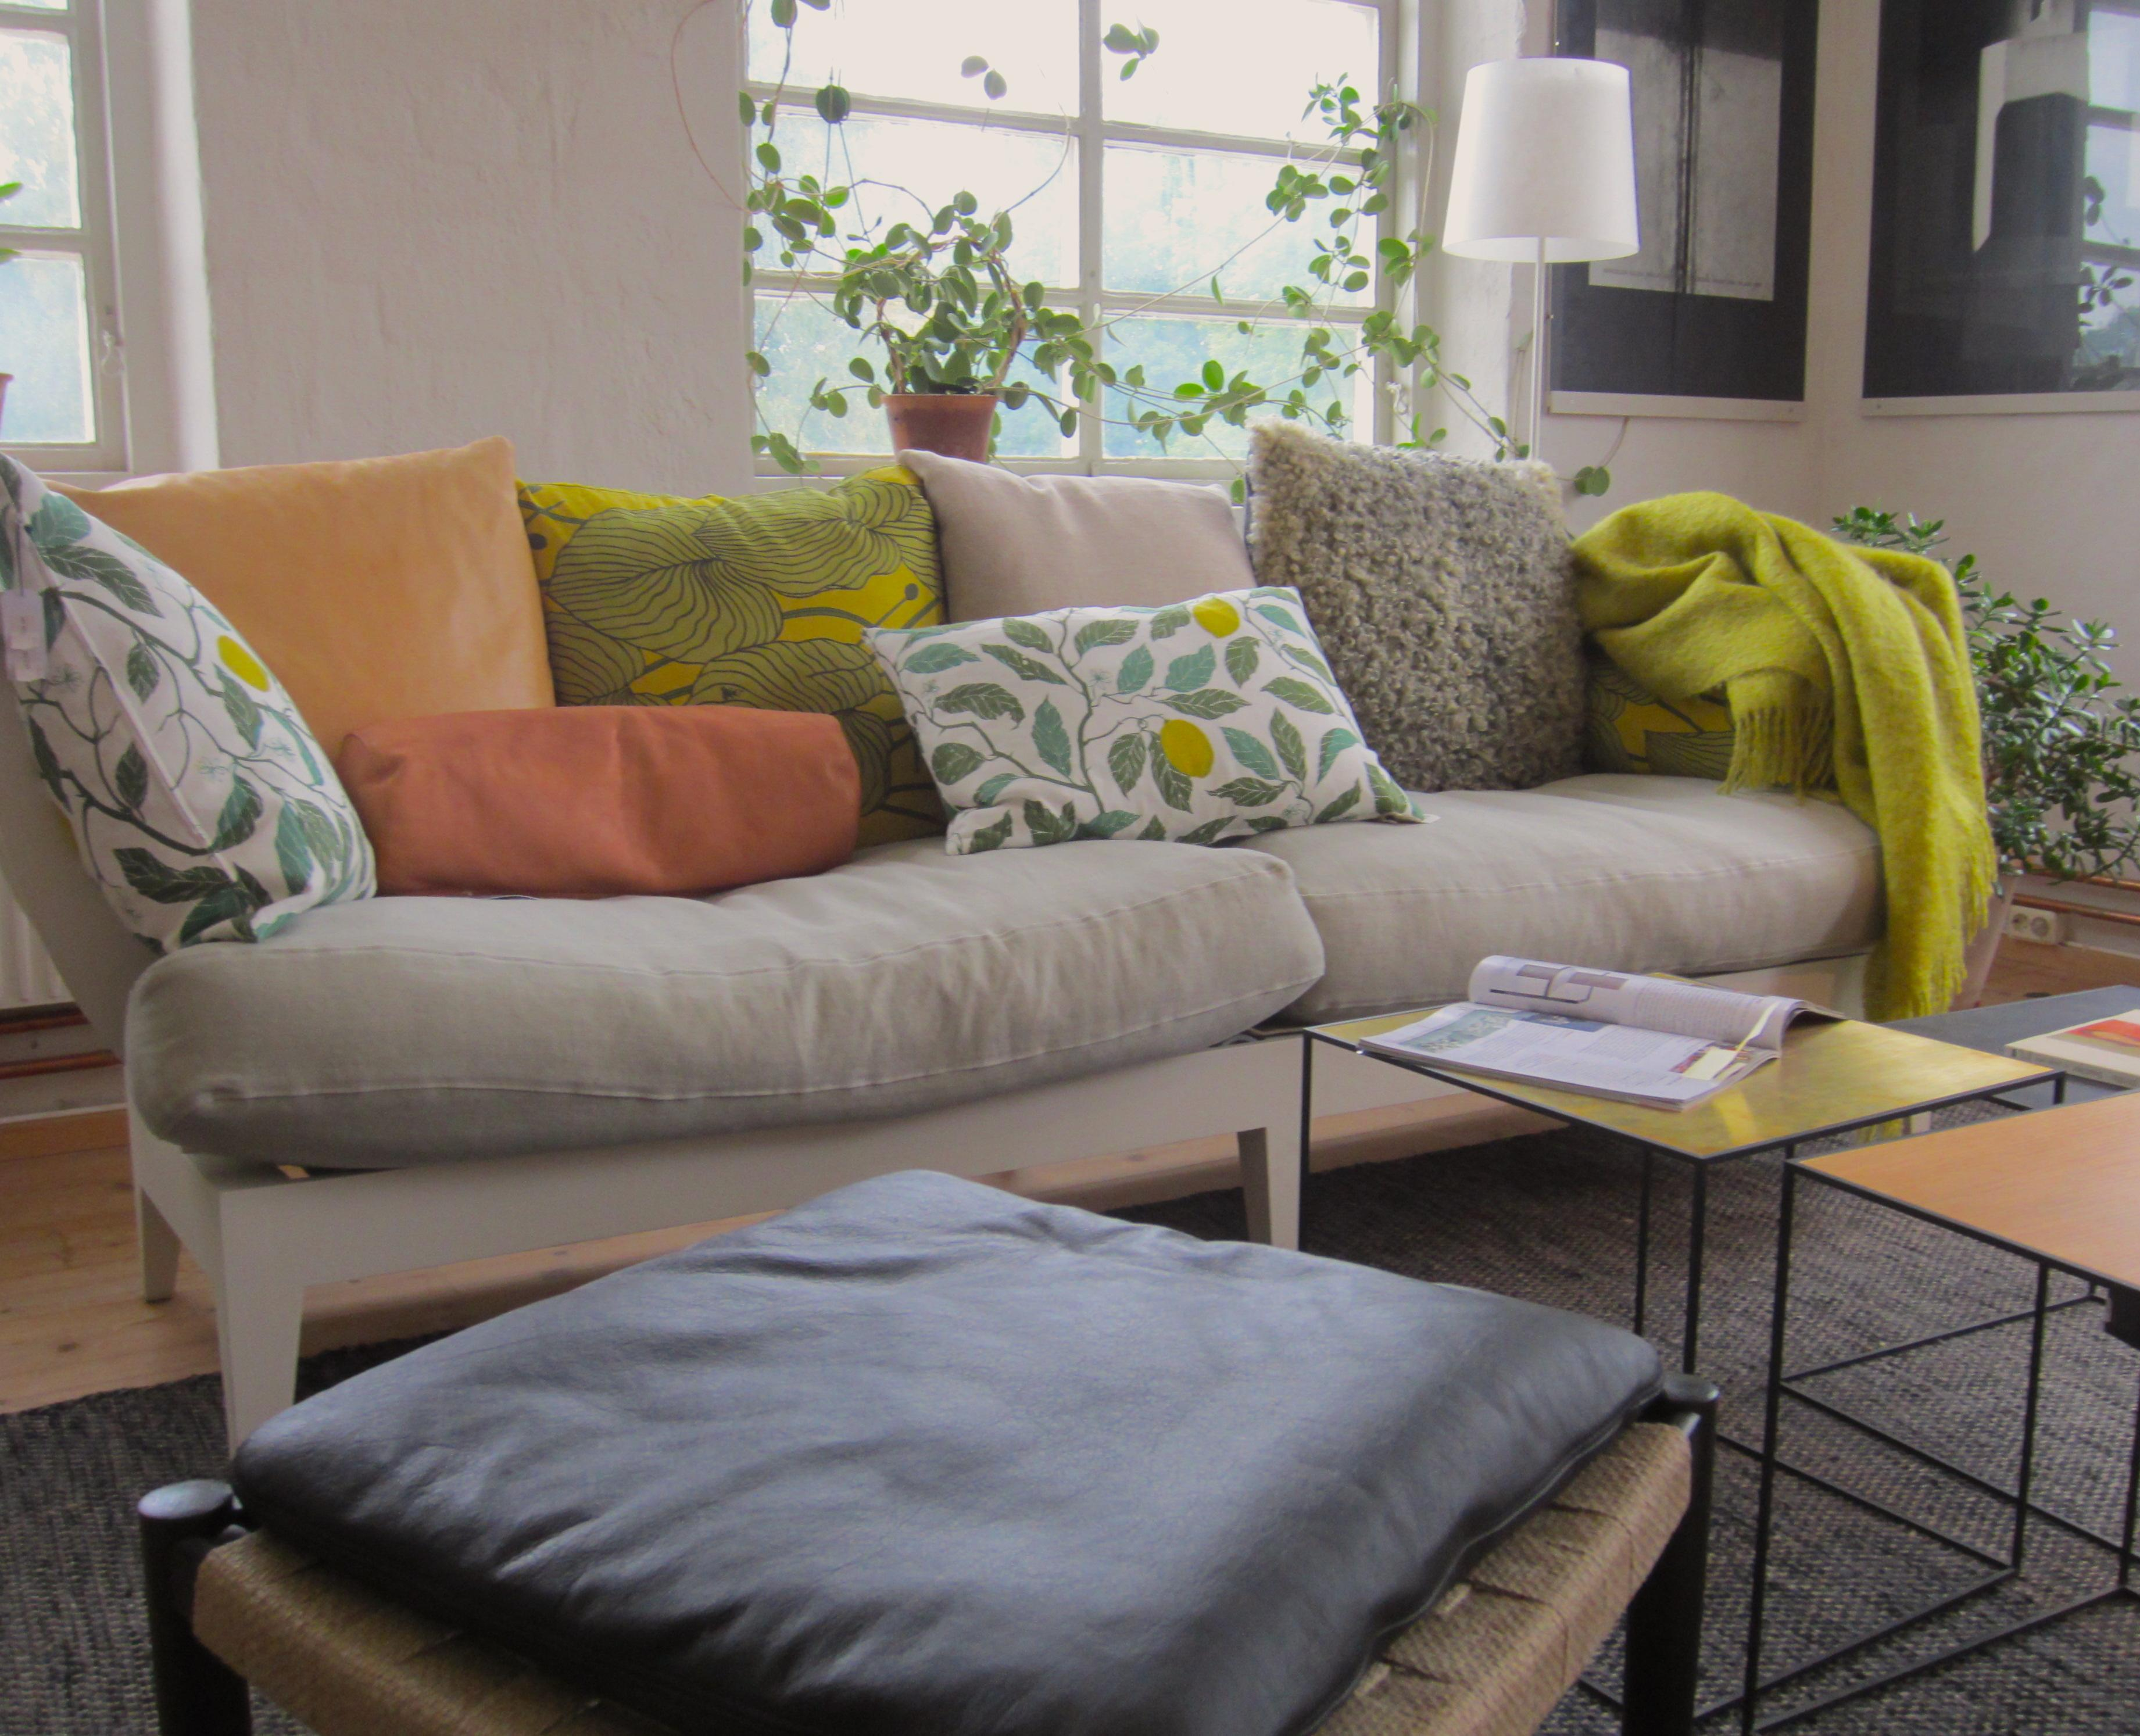 Kissen Wohnzimmer.Kissen Dekorative Wohnideen Bei Couch